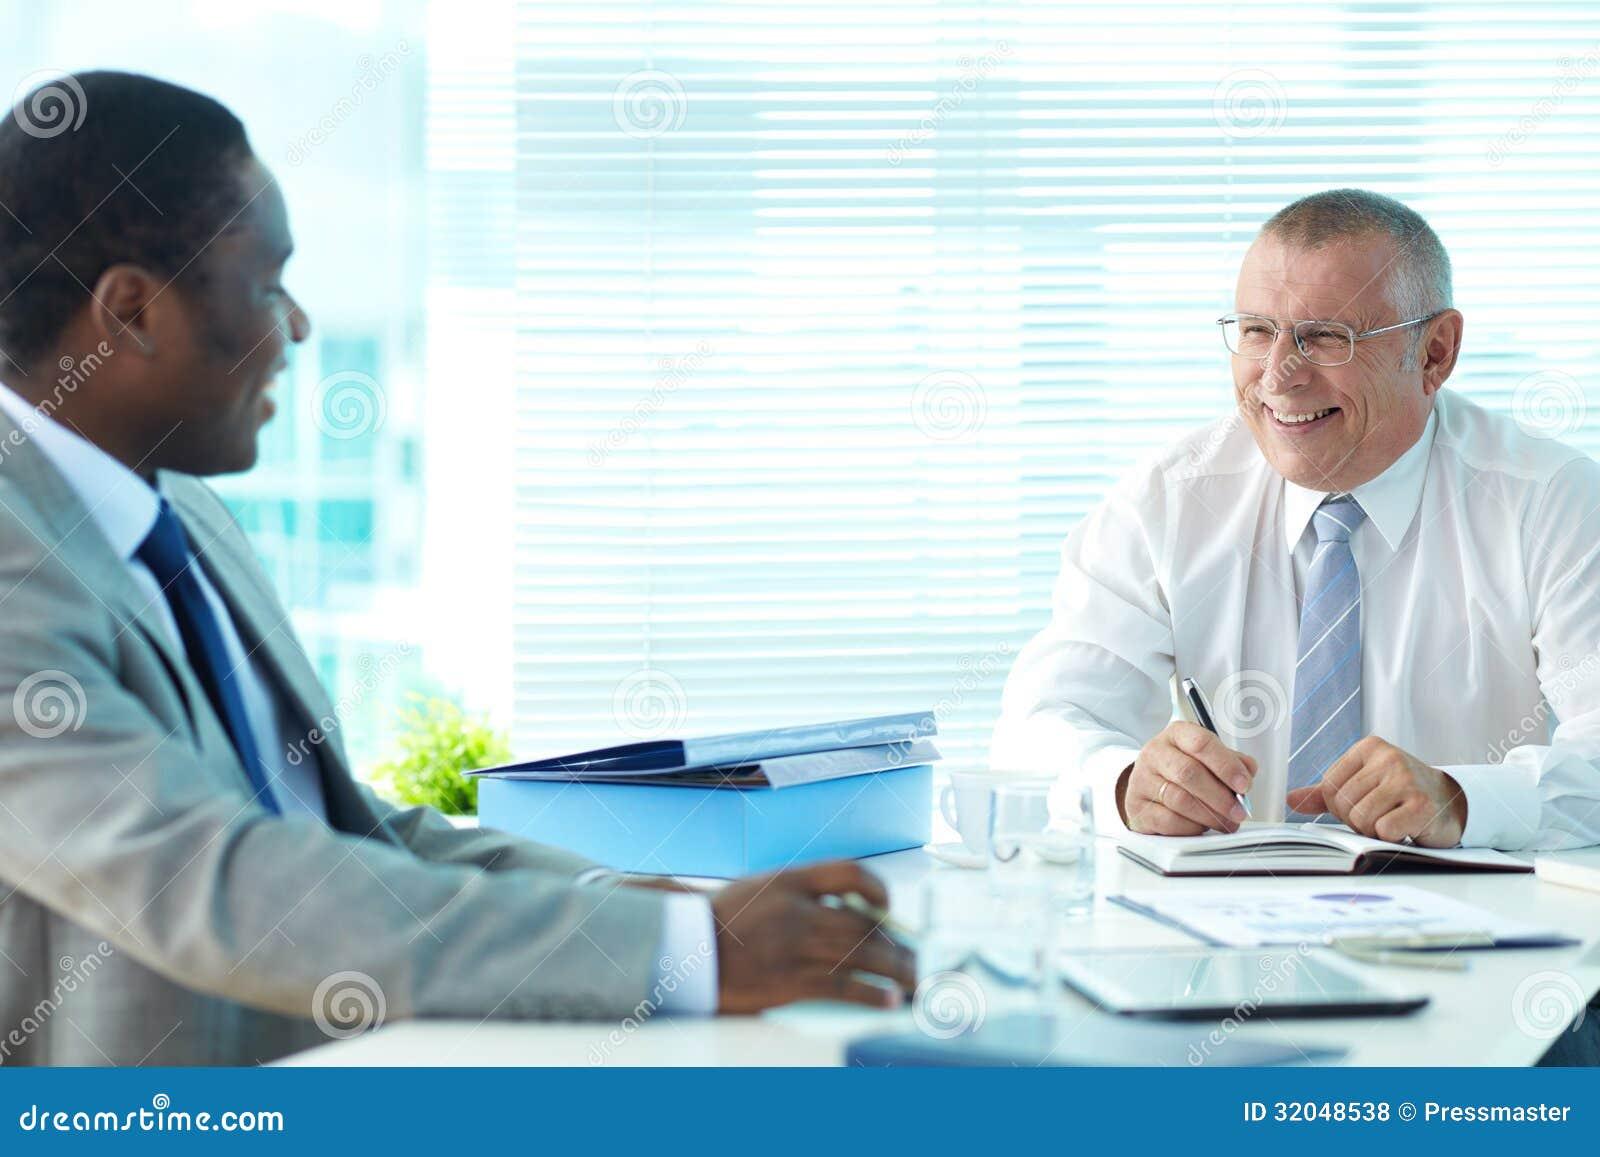 Προϊστάμενος και υπάλληλος